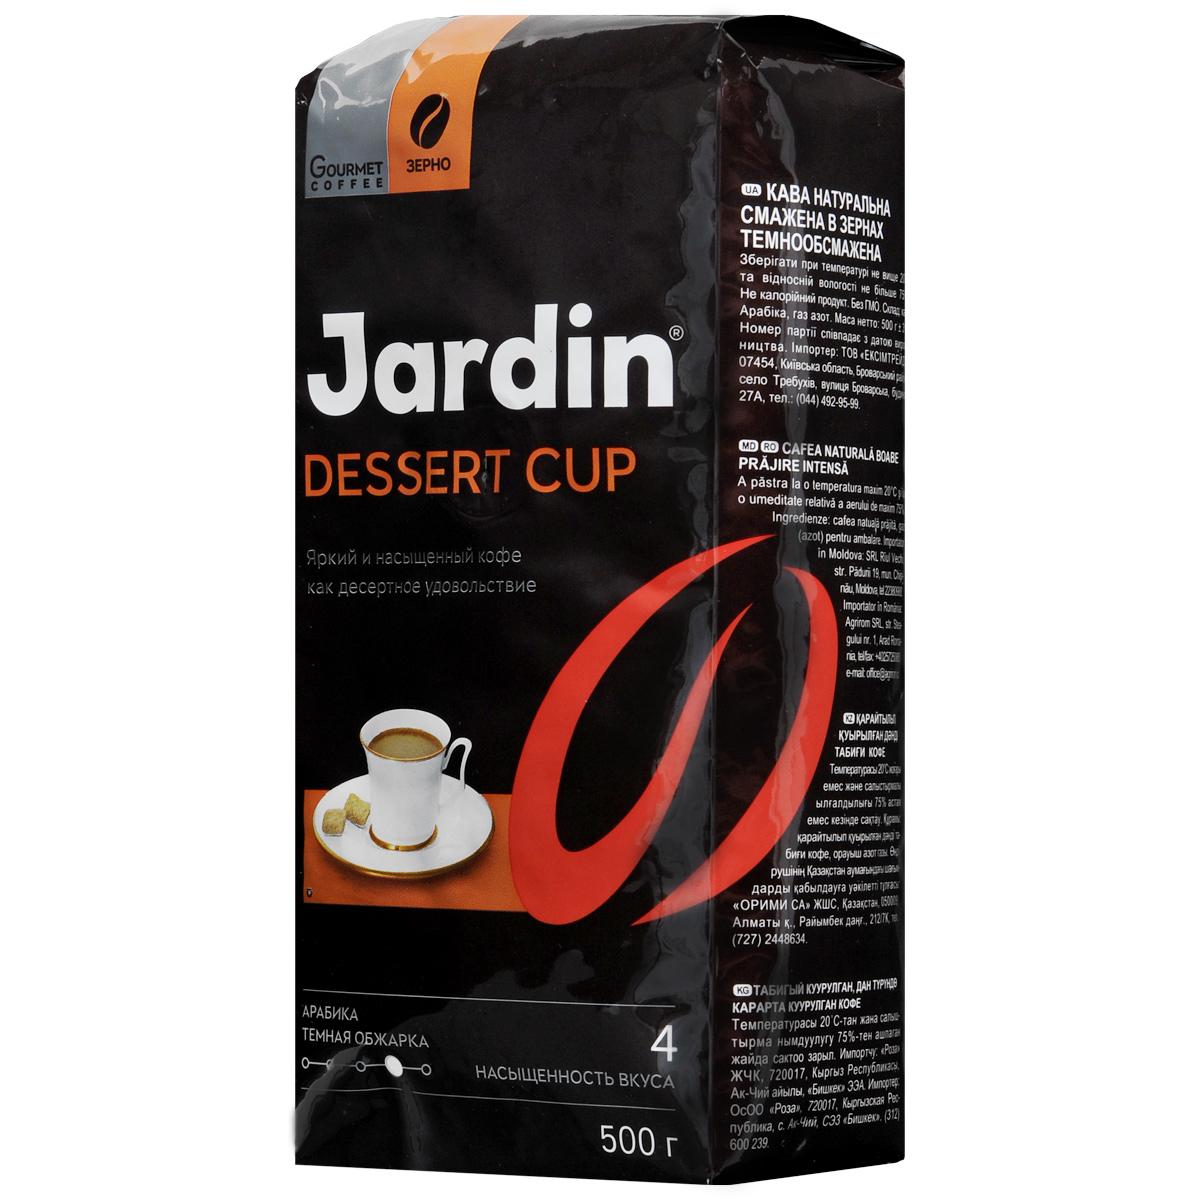 Jardin Dessert Cup кофе в зернах, 500 г0546-12Кофе в зернах Jardin Dessert Cup обладает многогранным сложным вкусом, наполненным интенсивной сладостью великолепного десерта.В этом бленде сочетаются пять сортов Арабики, выращенных на разных плантациях - Эфиопия Сидамо, Суматра Мандхелинг, Гватемала, Коста-Рика и Колумбия Супремо.